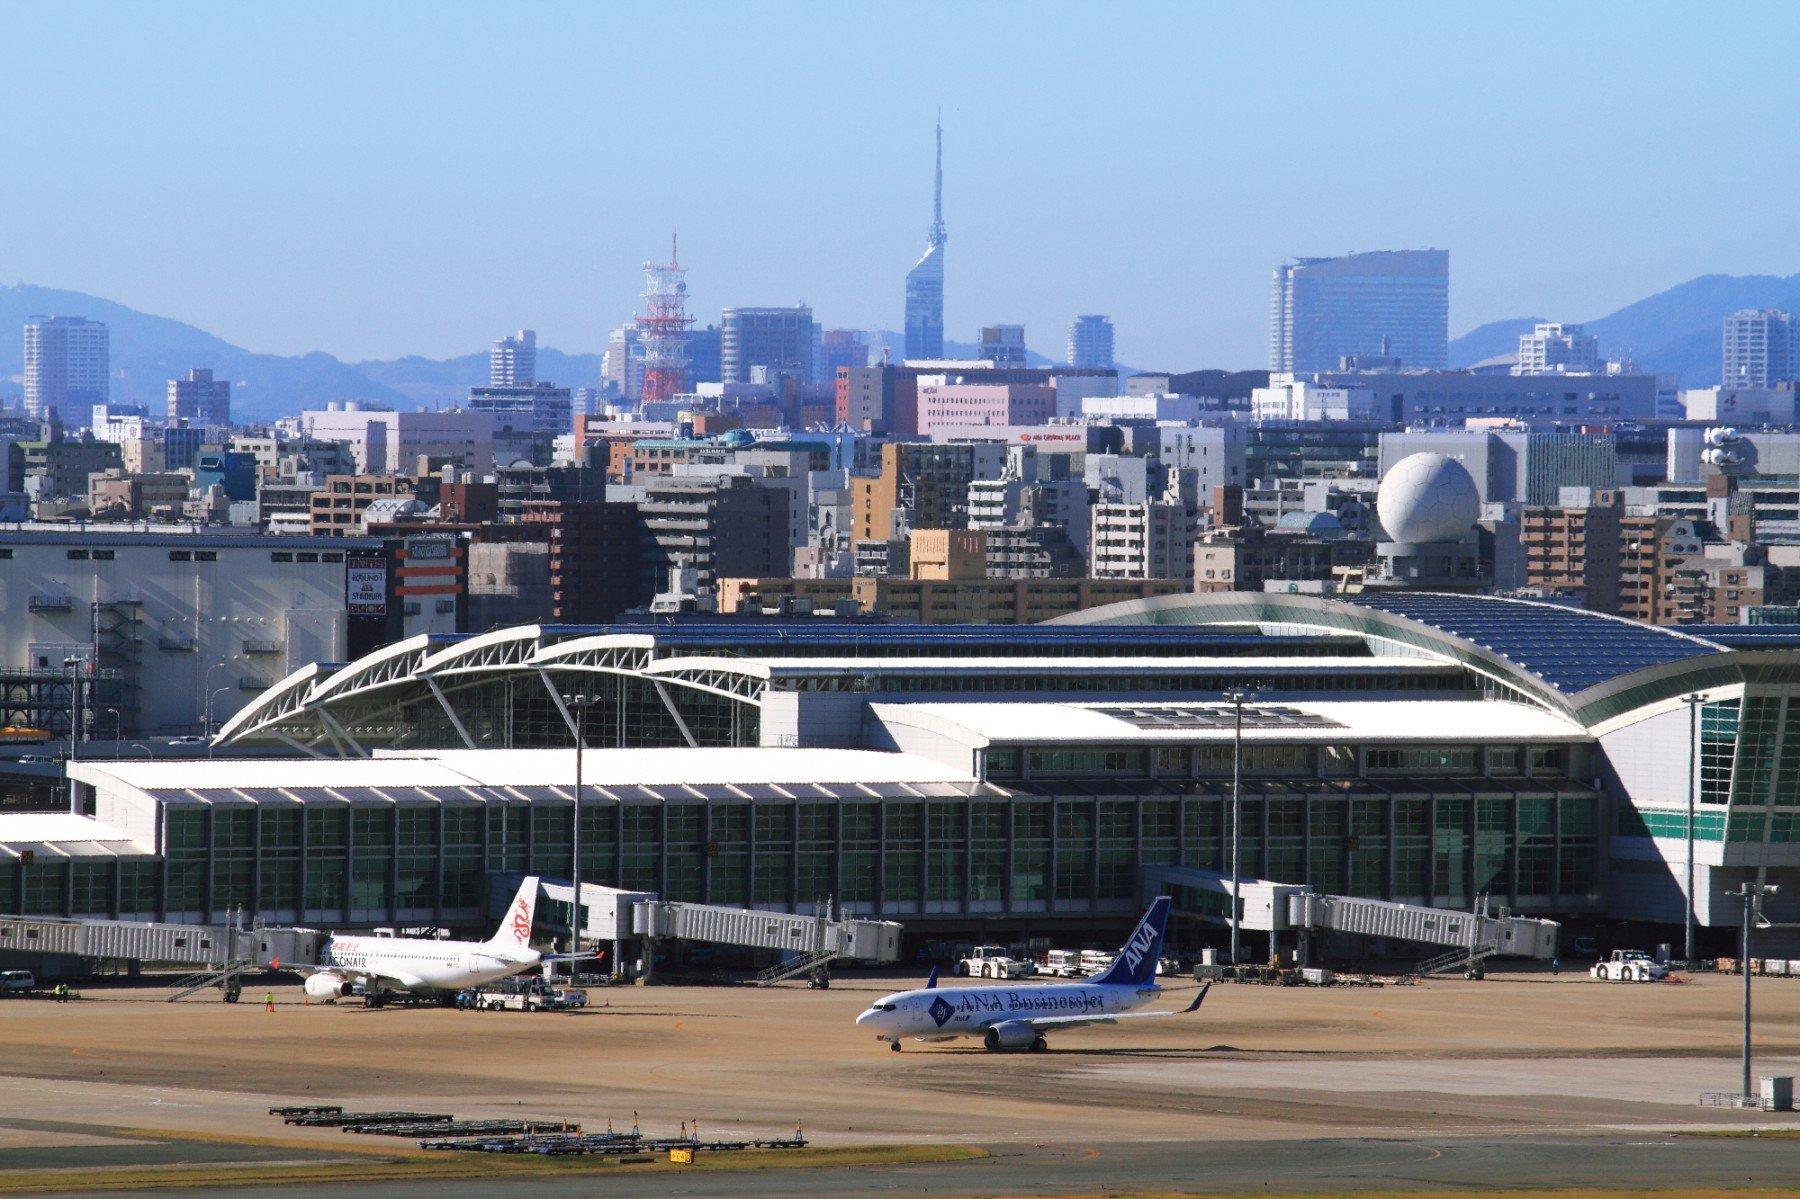 福岡空港国際線ターミナル(2010)の画像